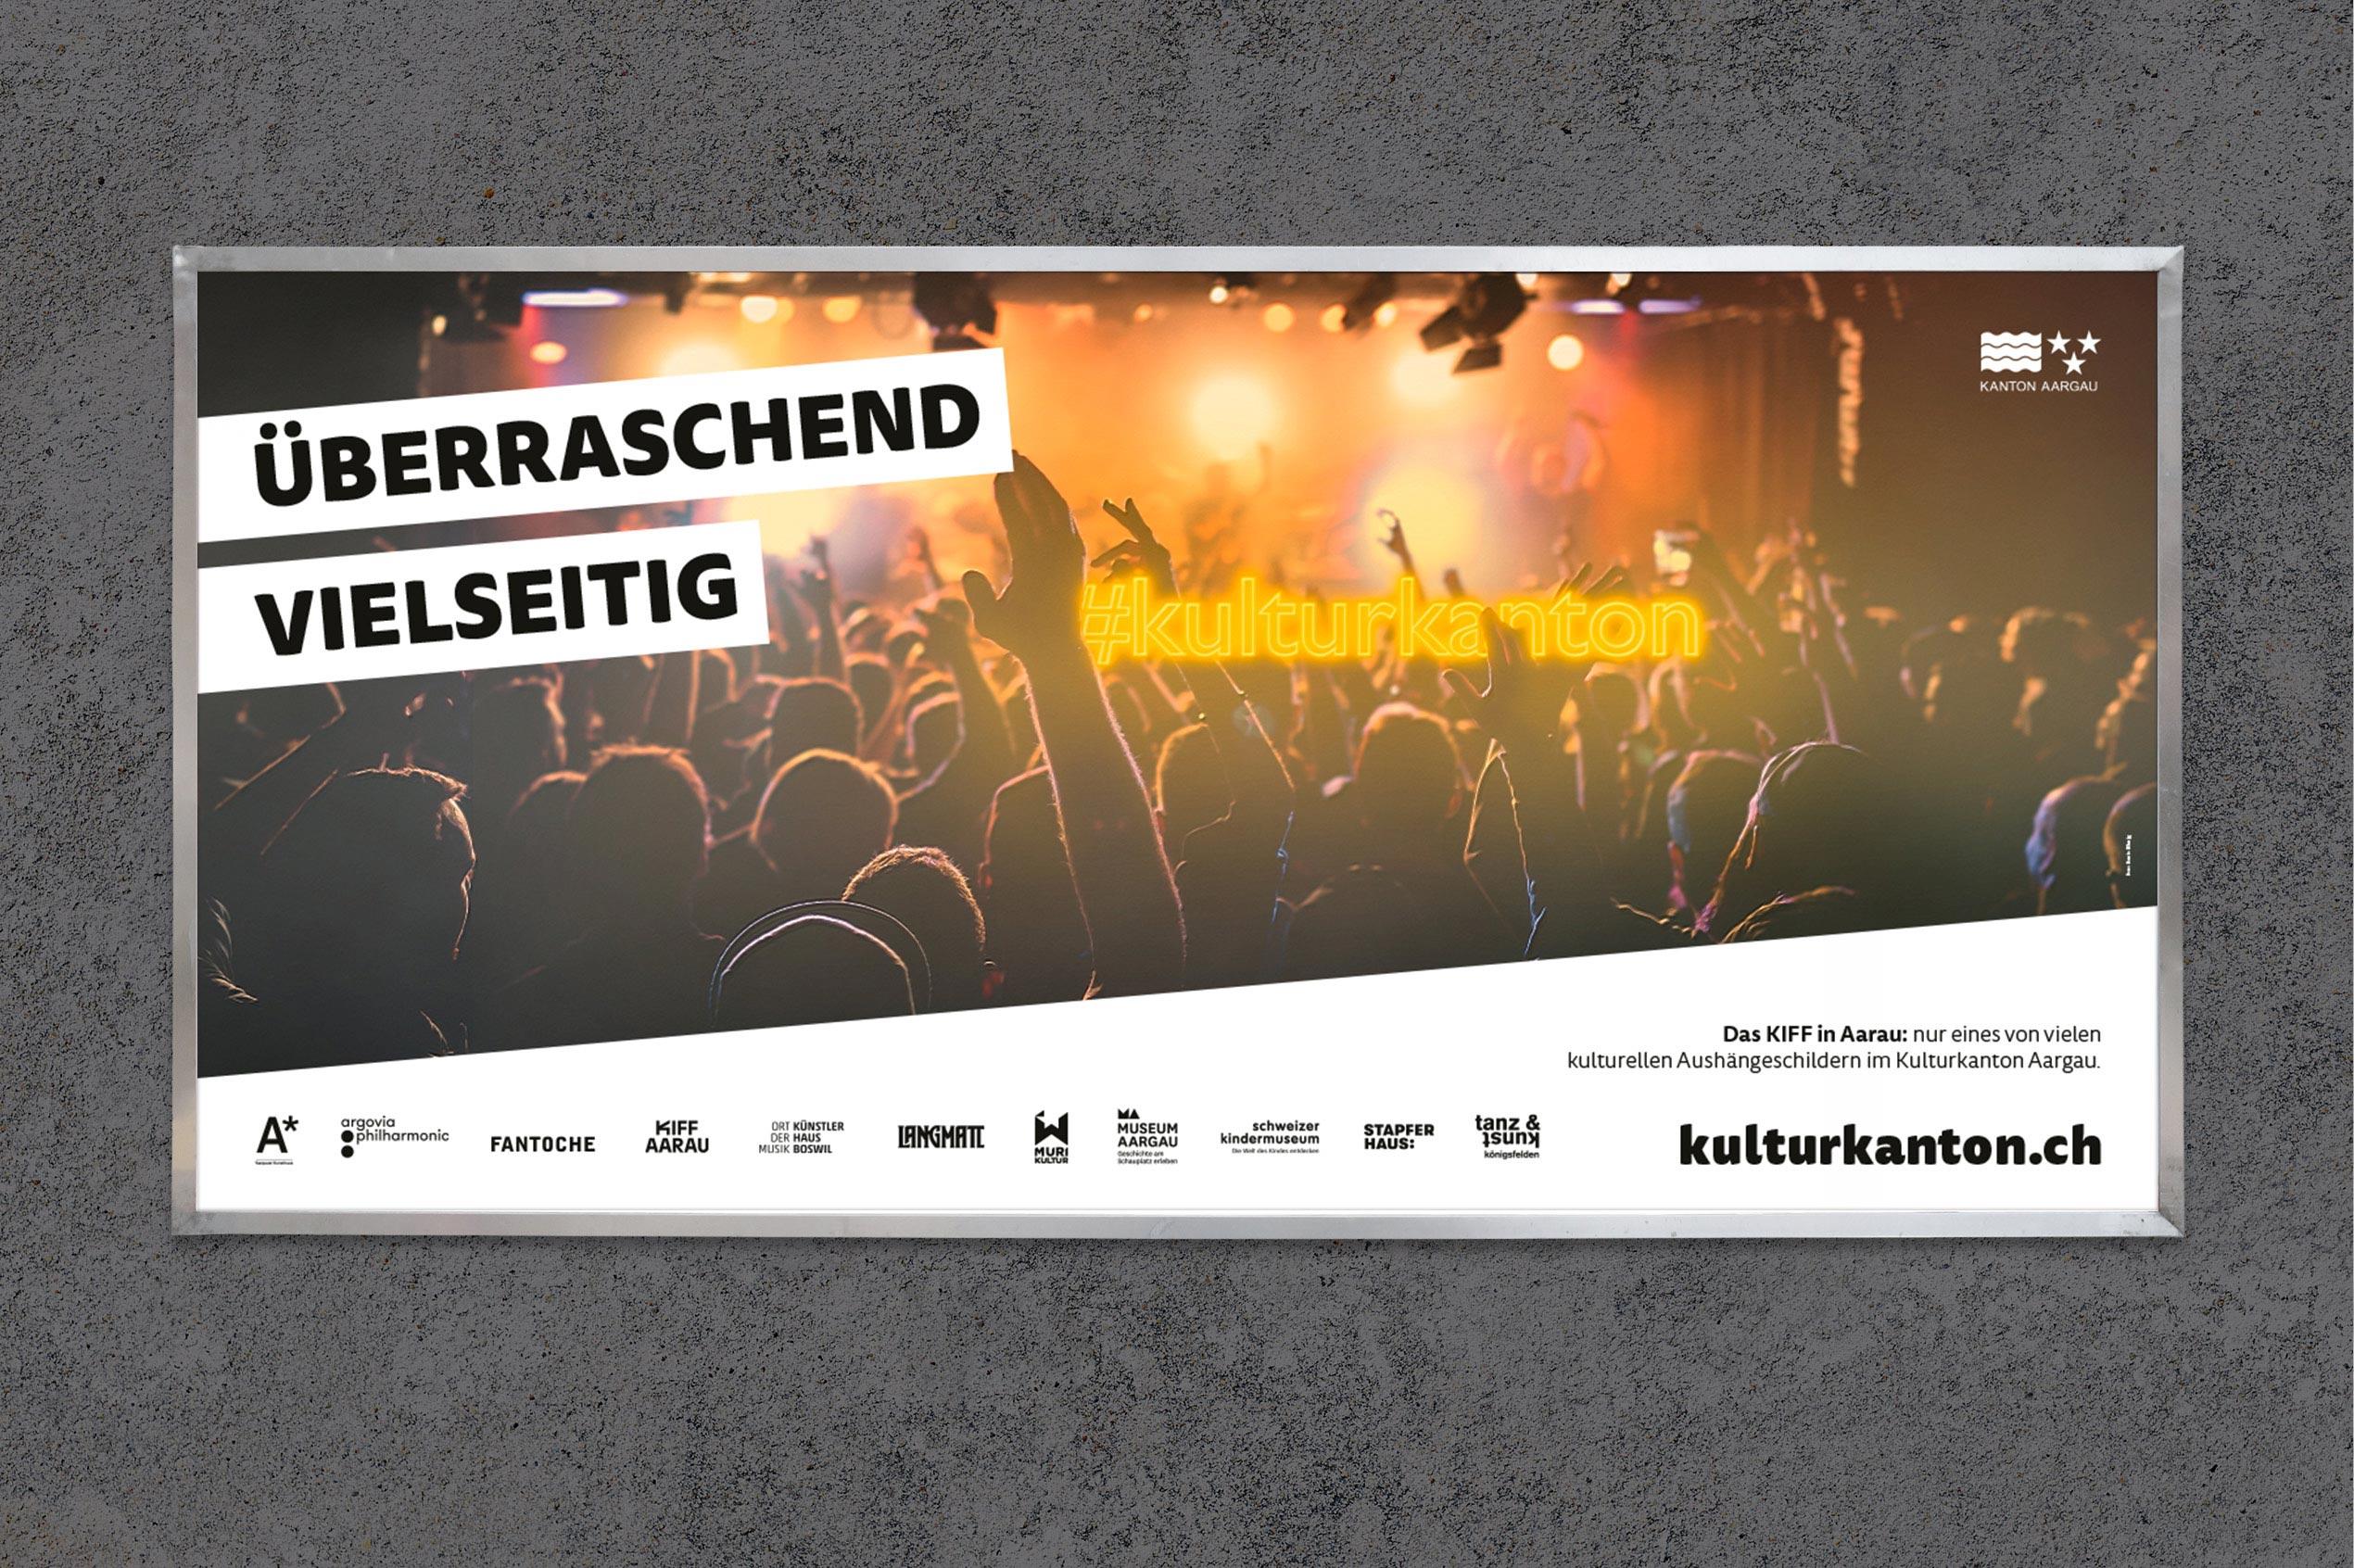 Kulturkanton, Plakat F12, KIFF